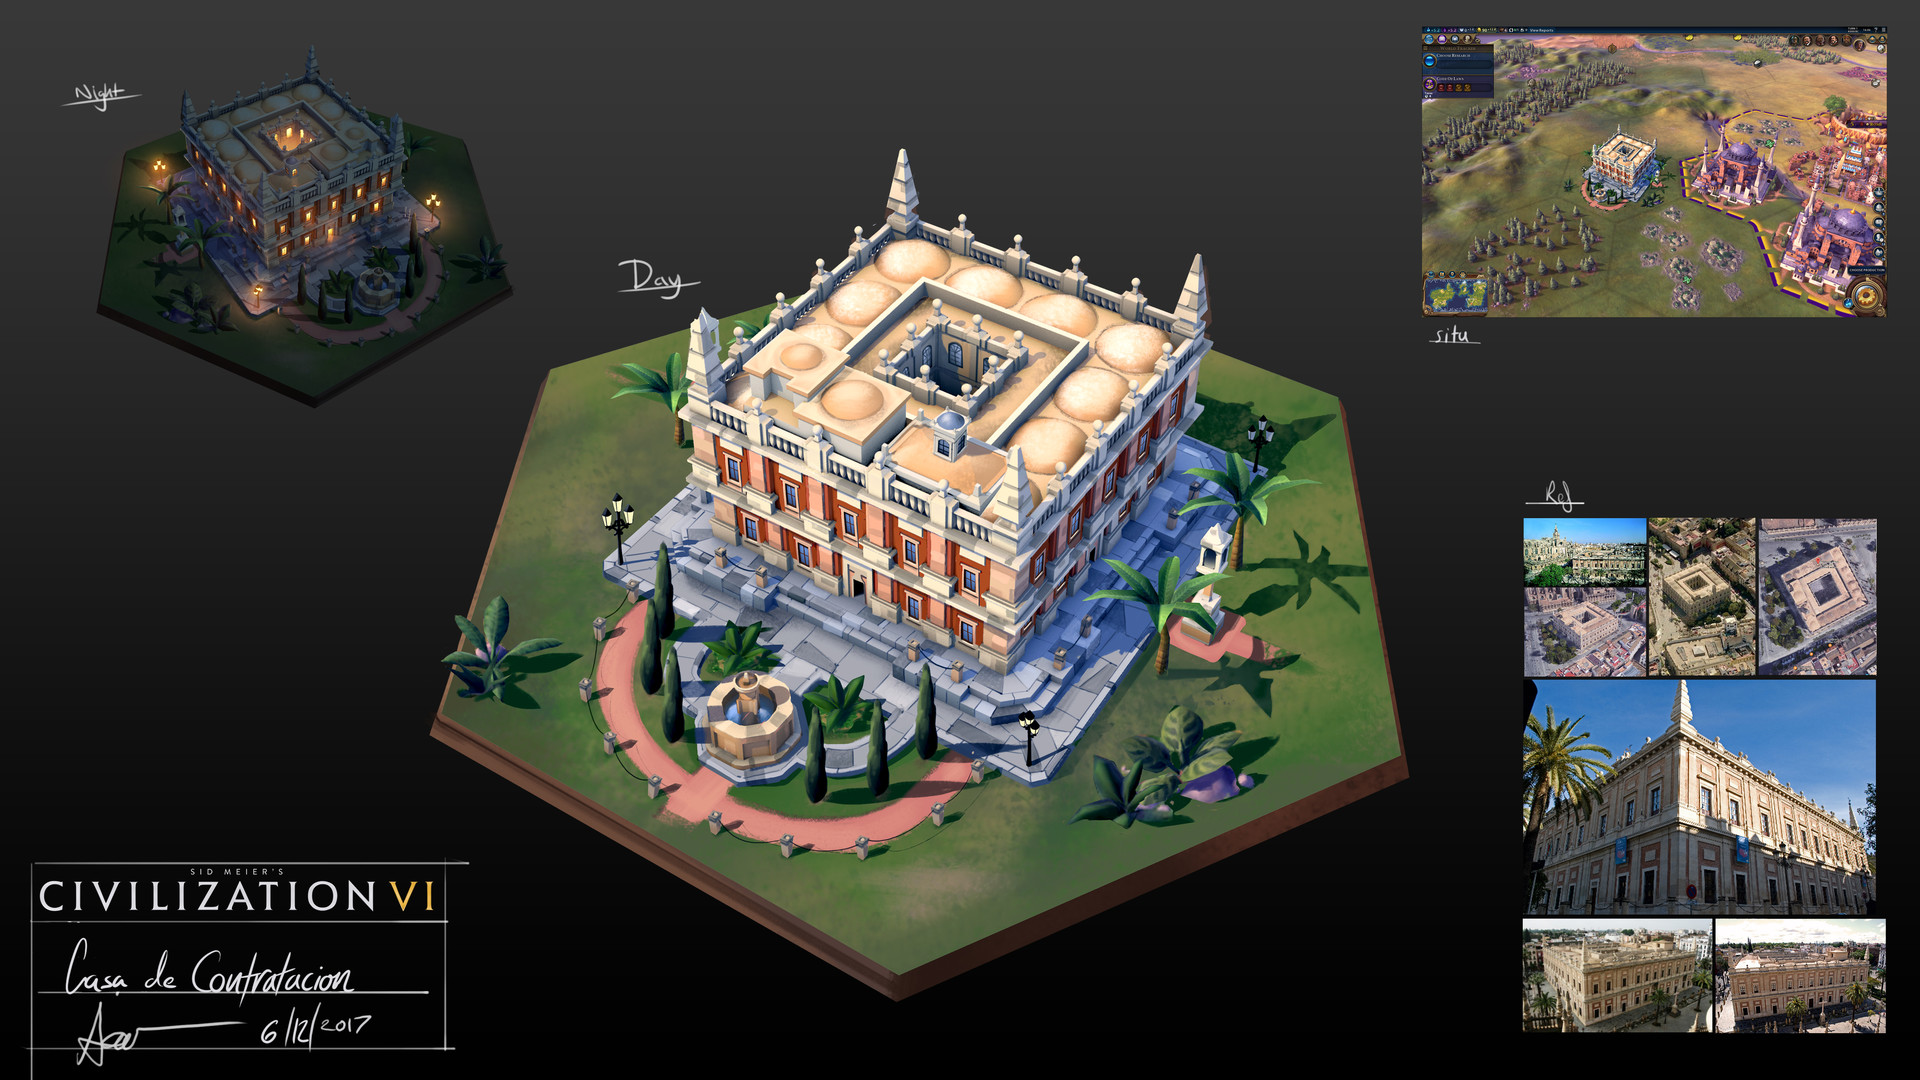 ArtStation - Civilization VI: Rise & Fall Concept Art